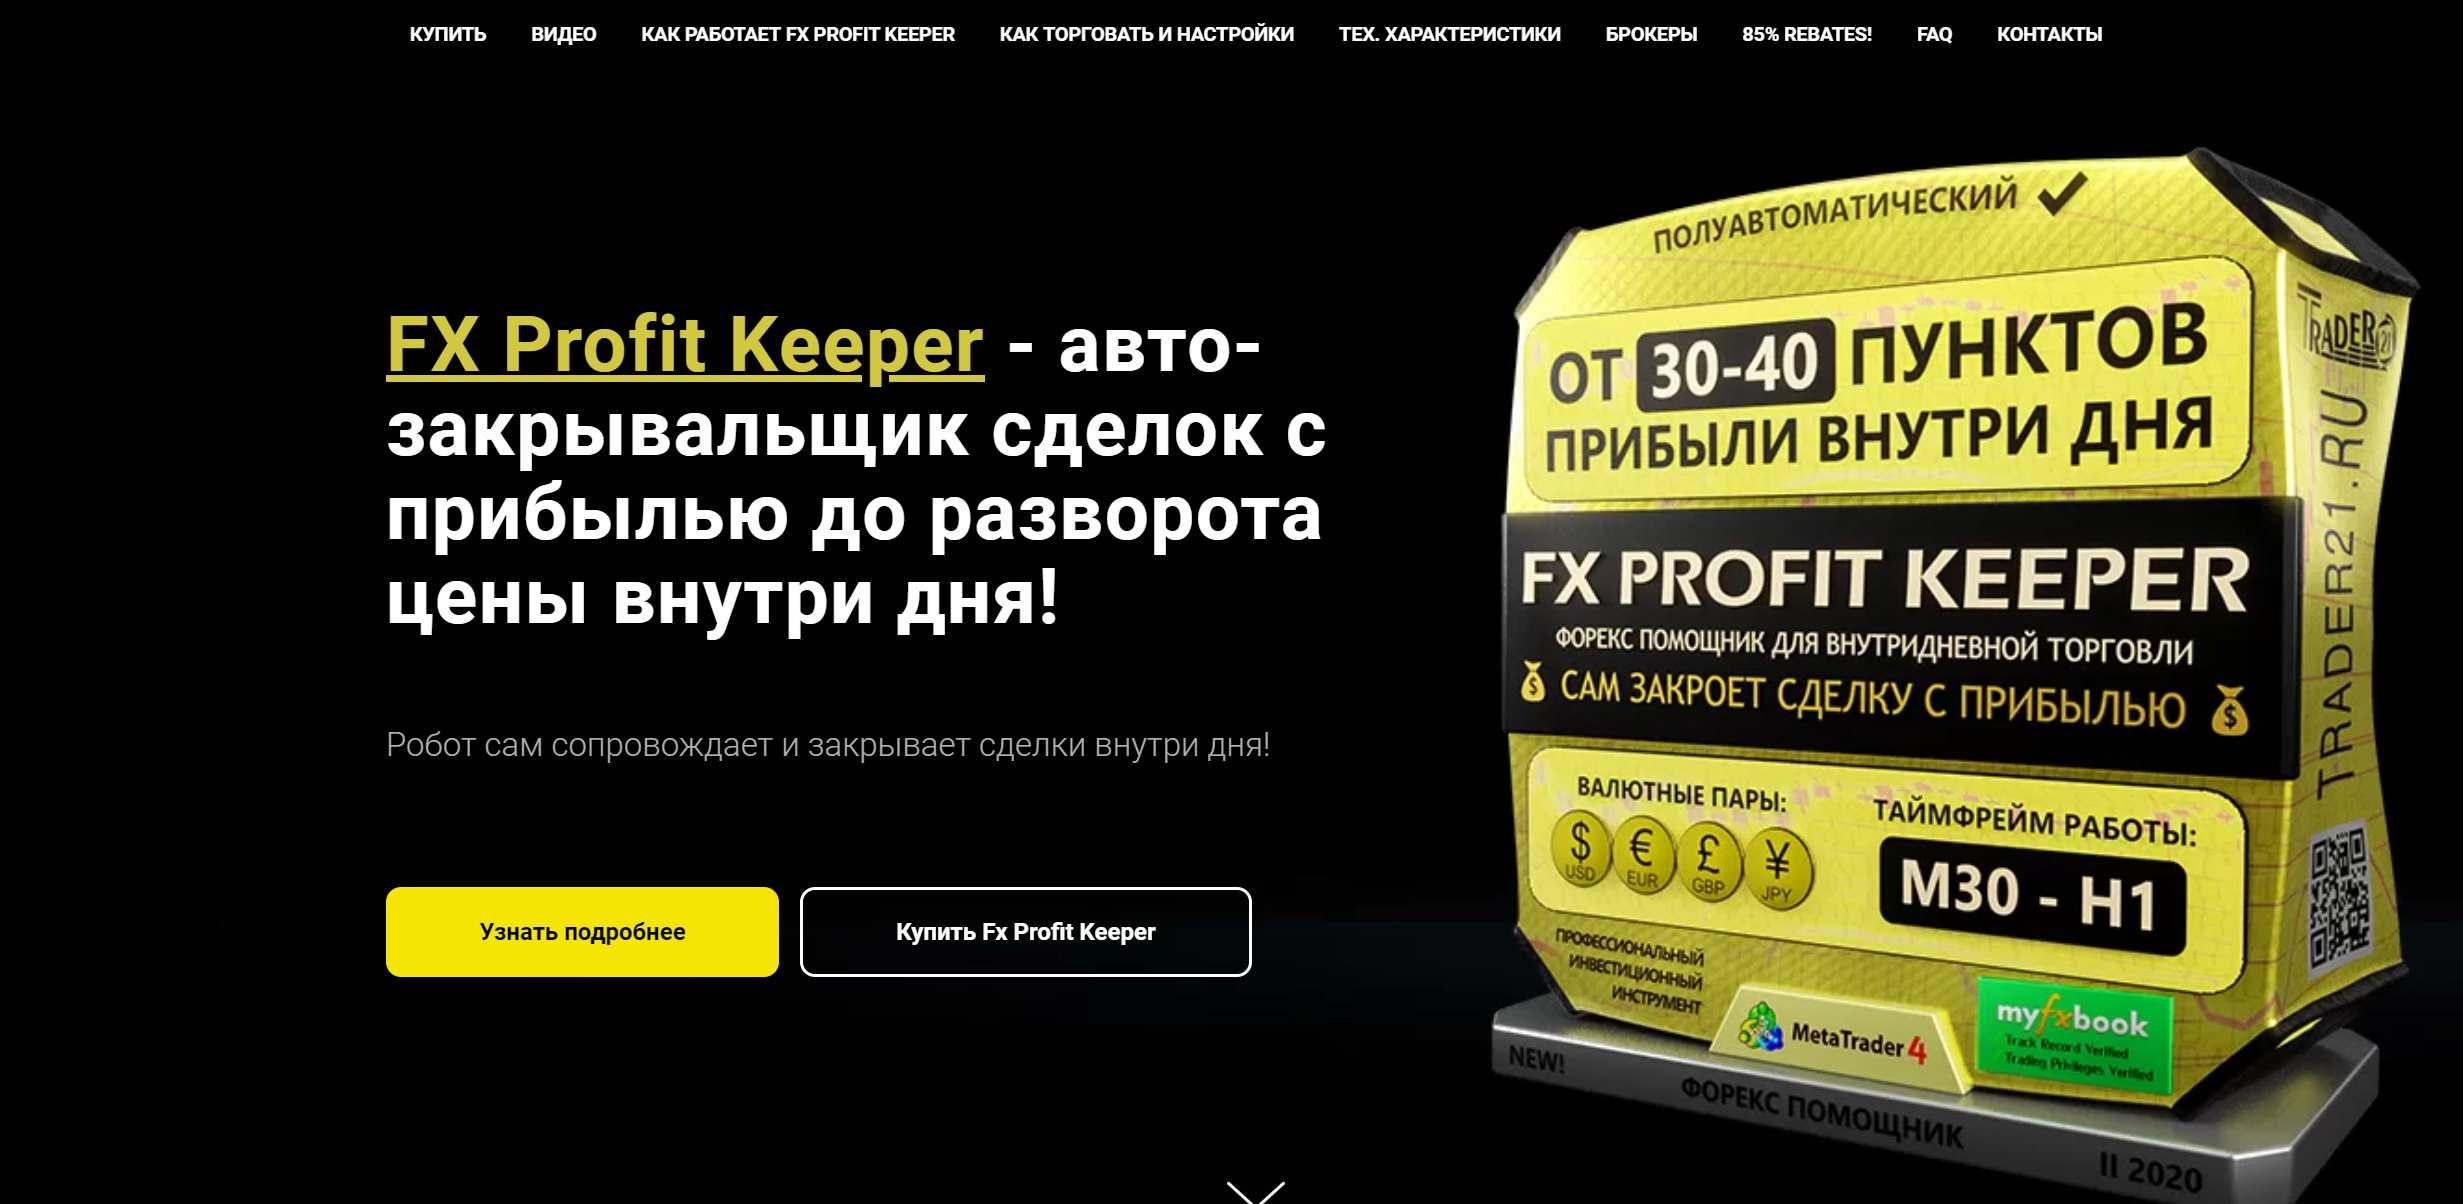 Обзор Fx Profit Keeper. Наше мнение о роботах и советниках - обман!